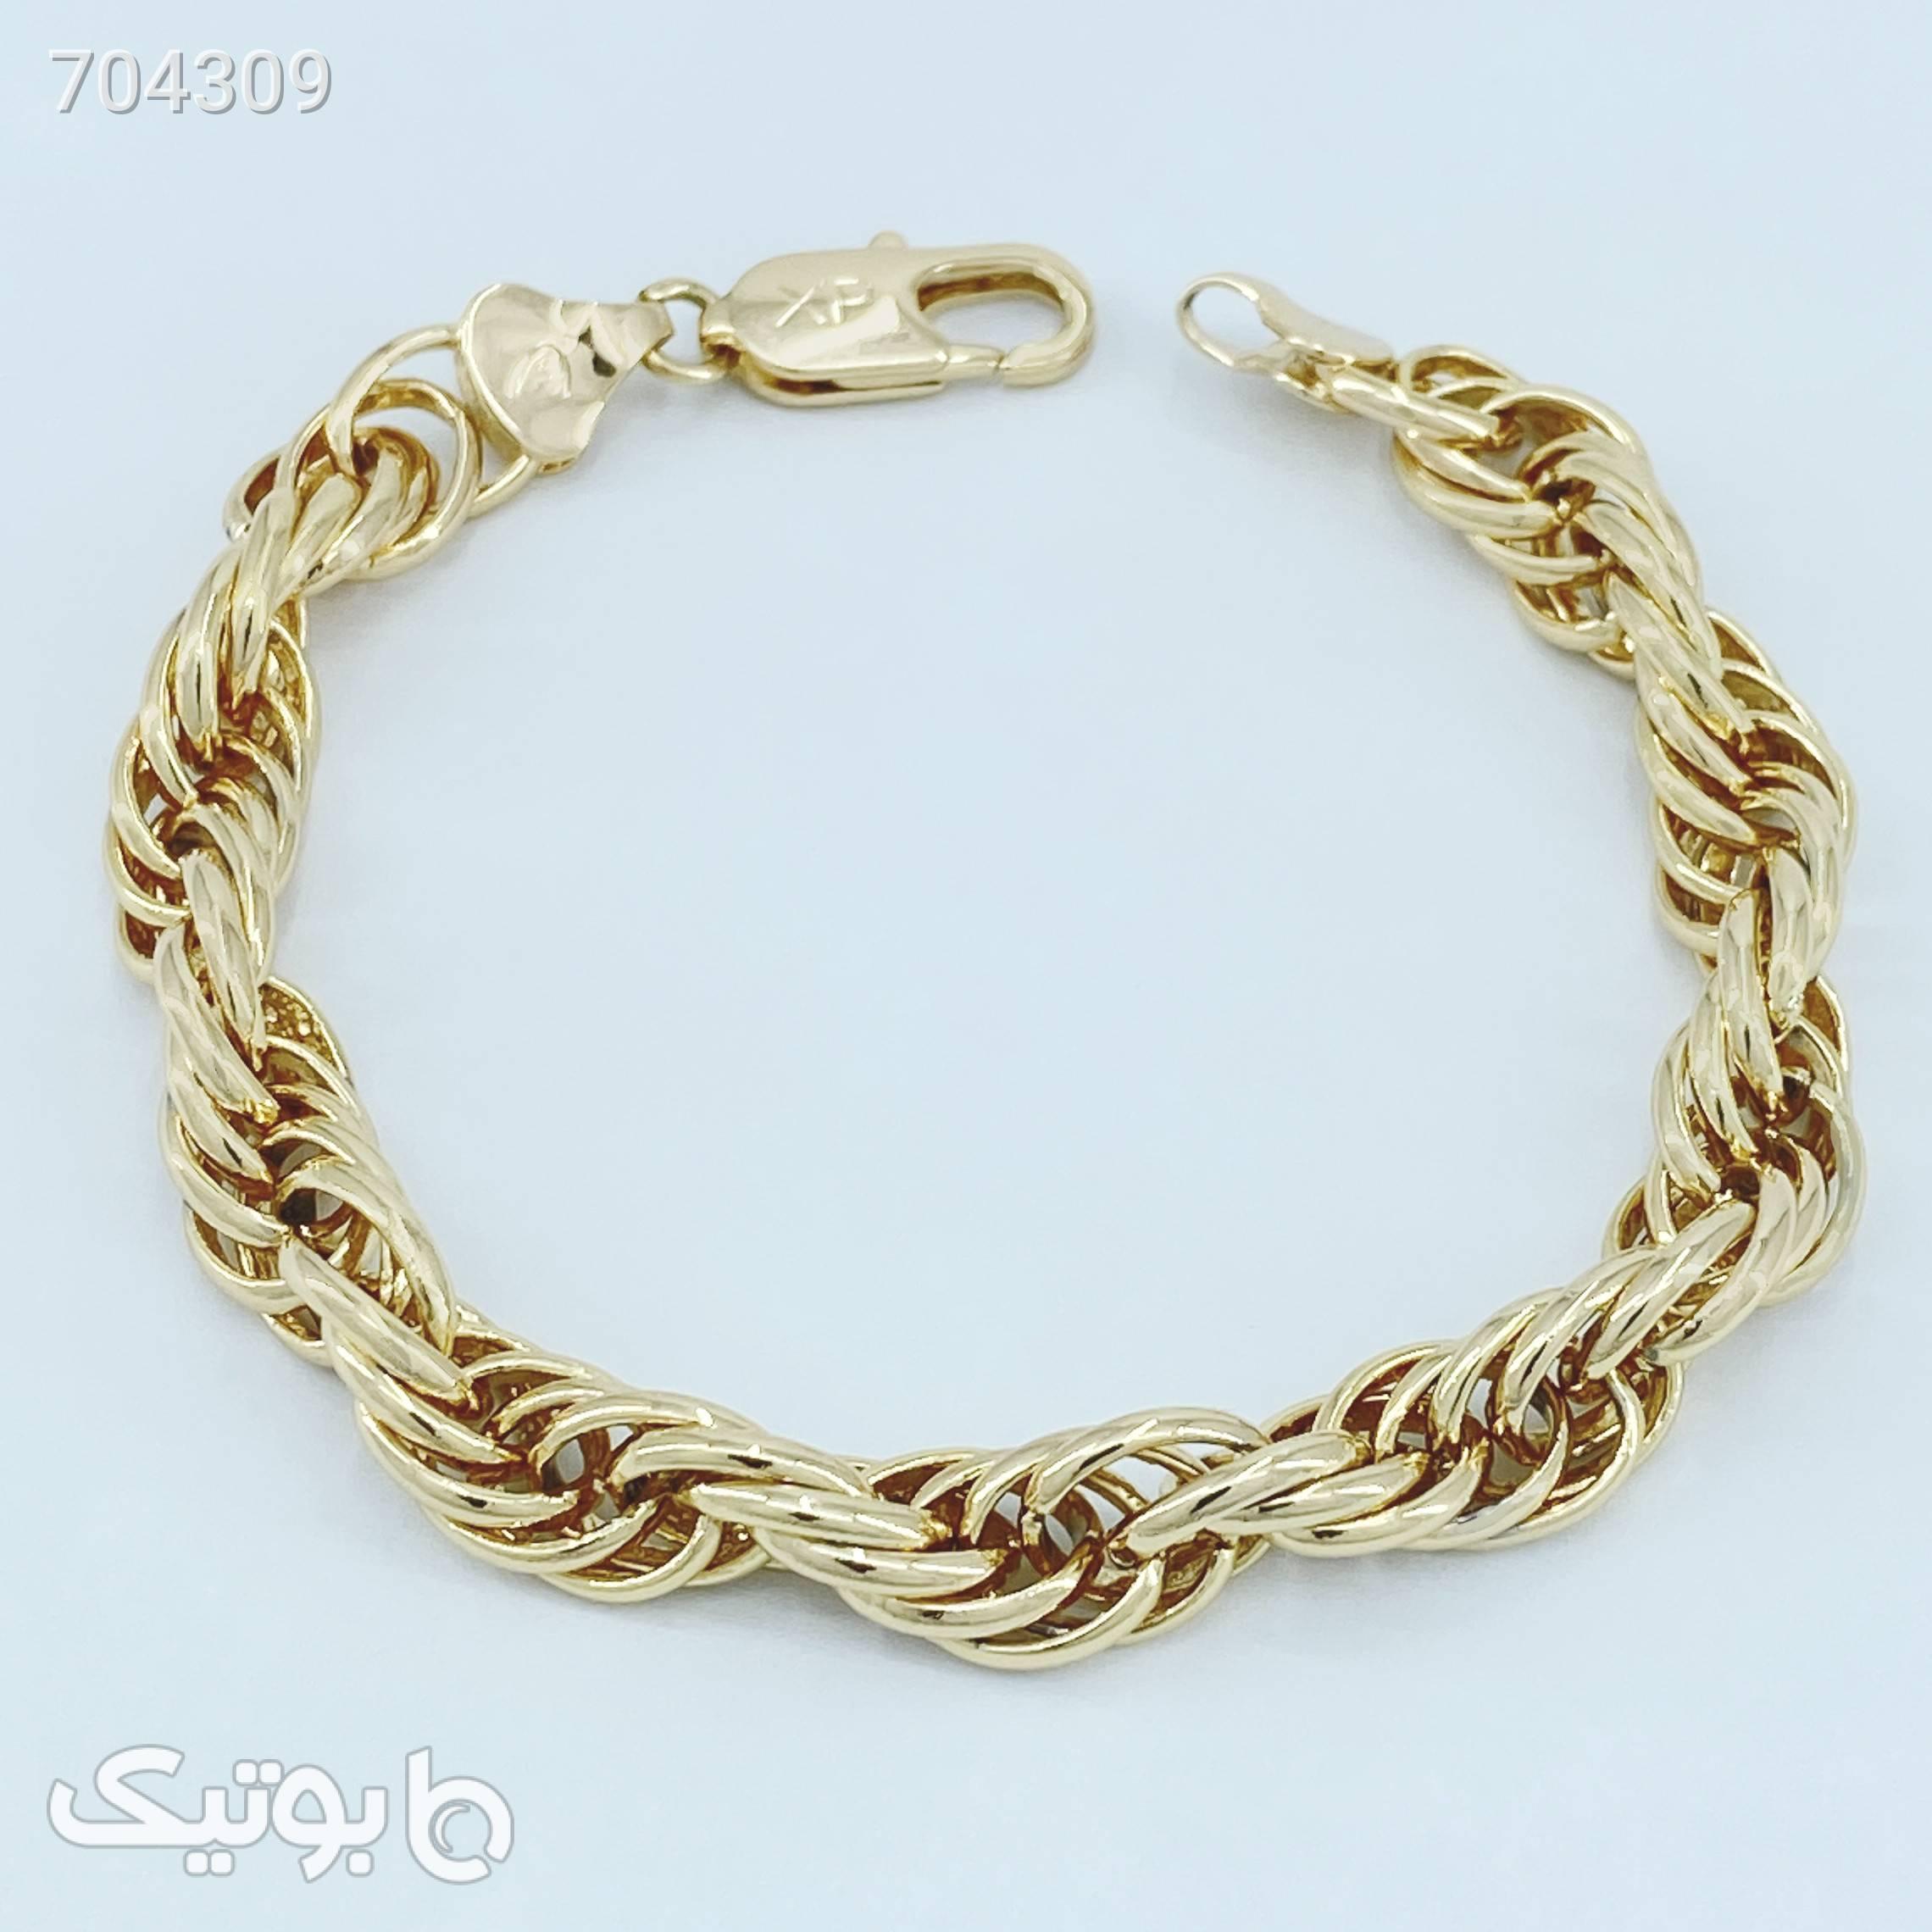 دستبند زنانه ژوپینگ کد B3034 طلایی دستبند و پابند